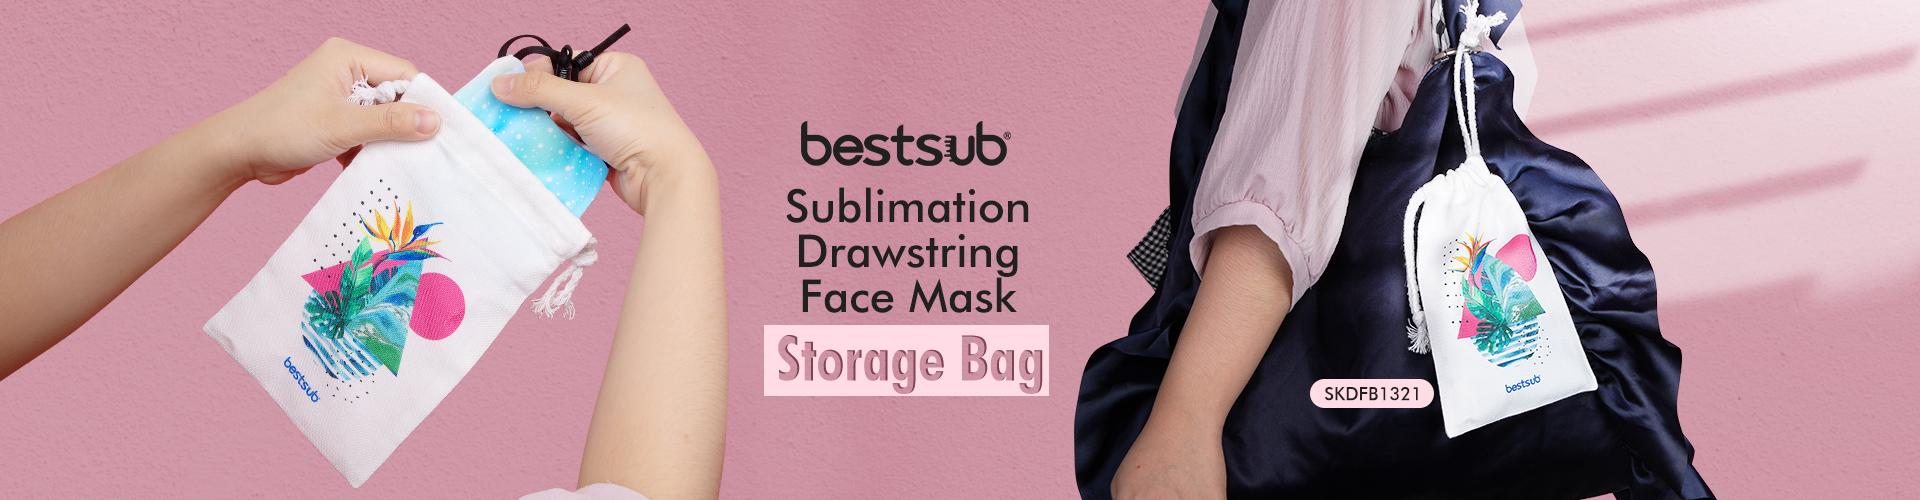 2020-8-10_Sublimation_Drawstring_Face_Mask_Storage_Bag_new_web